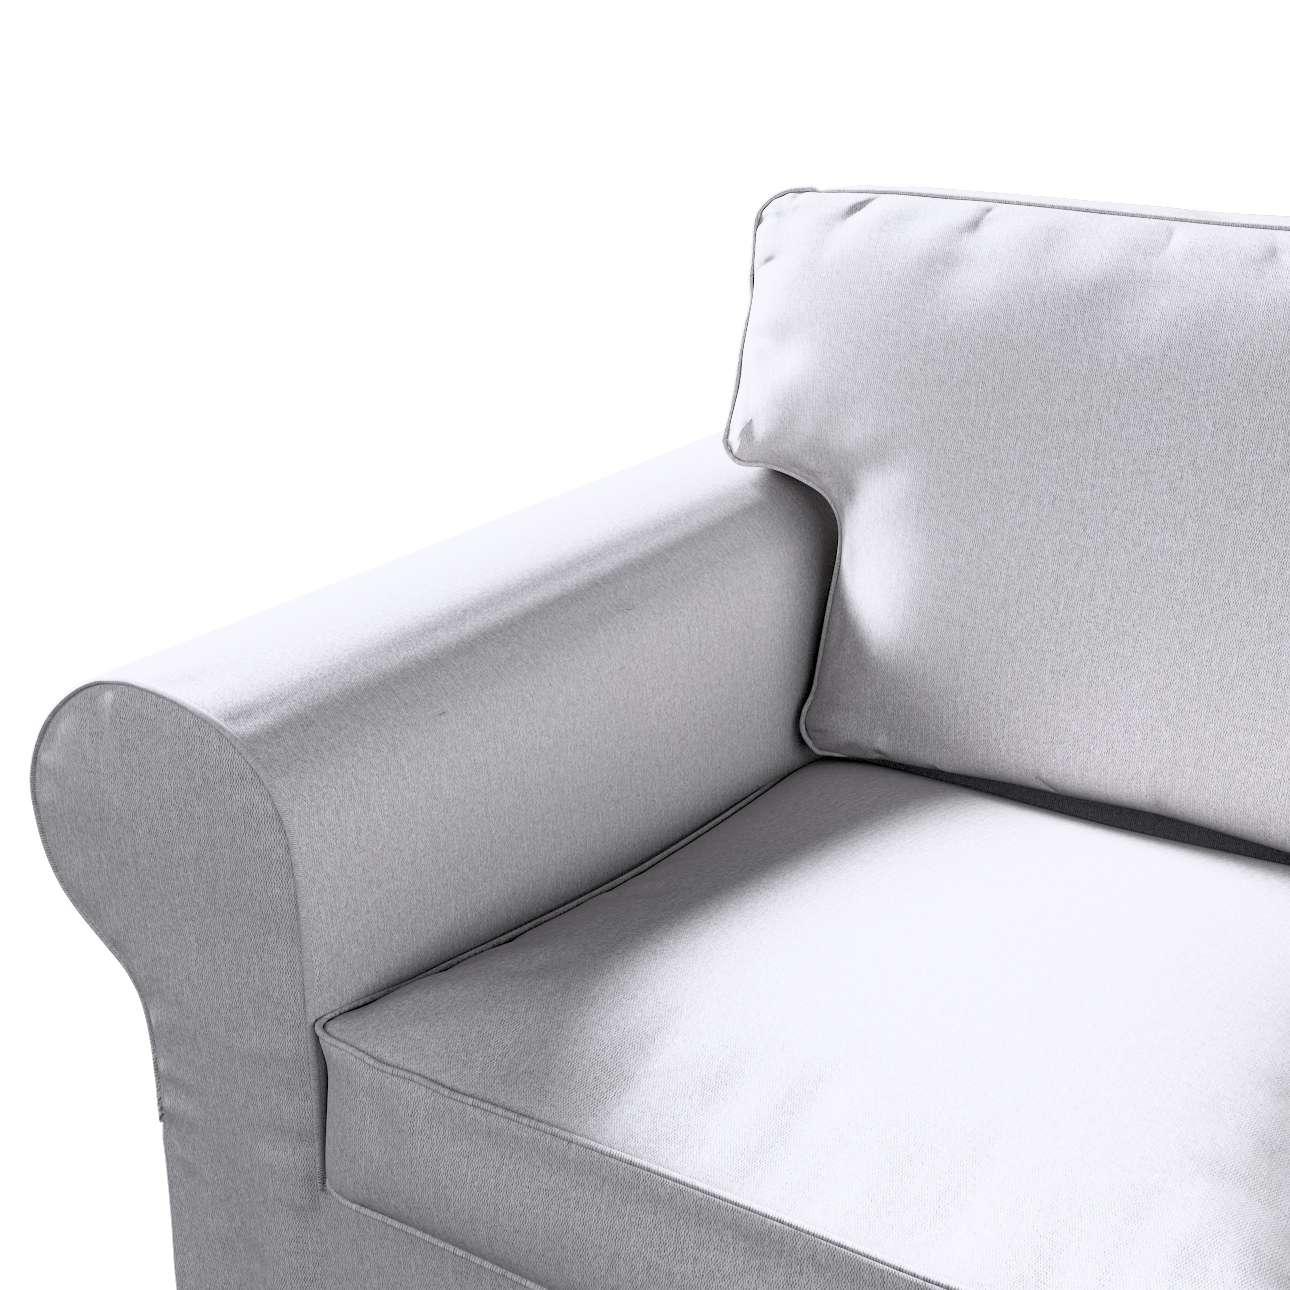 Poťah na sedačku Ektorp (rozkladacia, pre 2 osoby) NOVÝ MODEL 2012 V kolekcii Amsterdam, tkanina: 704-45